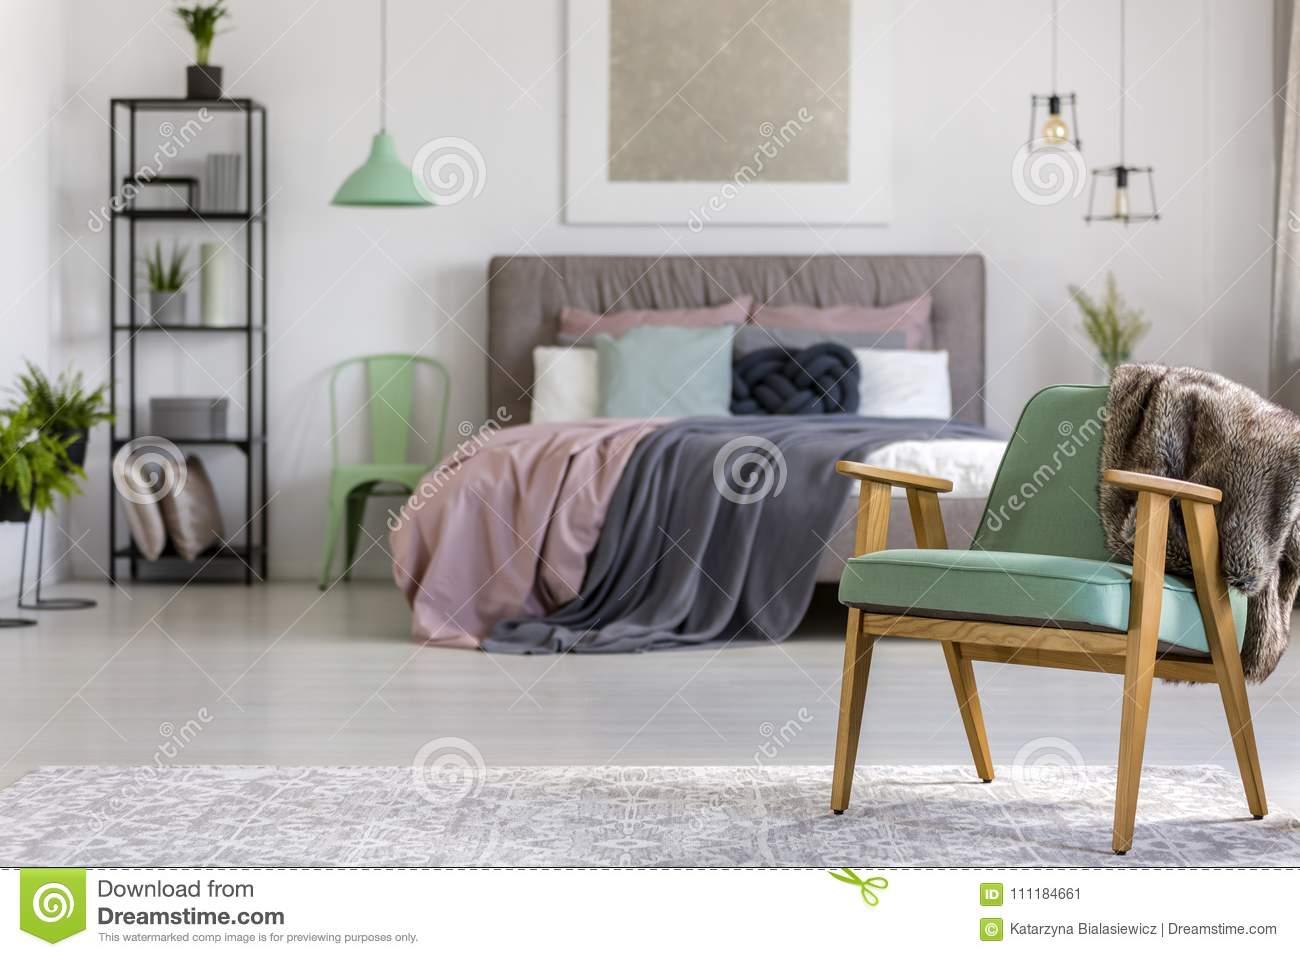 Green wooden armchair in bedroom